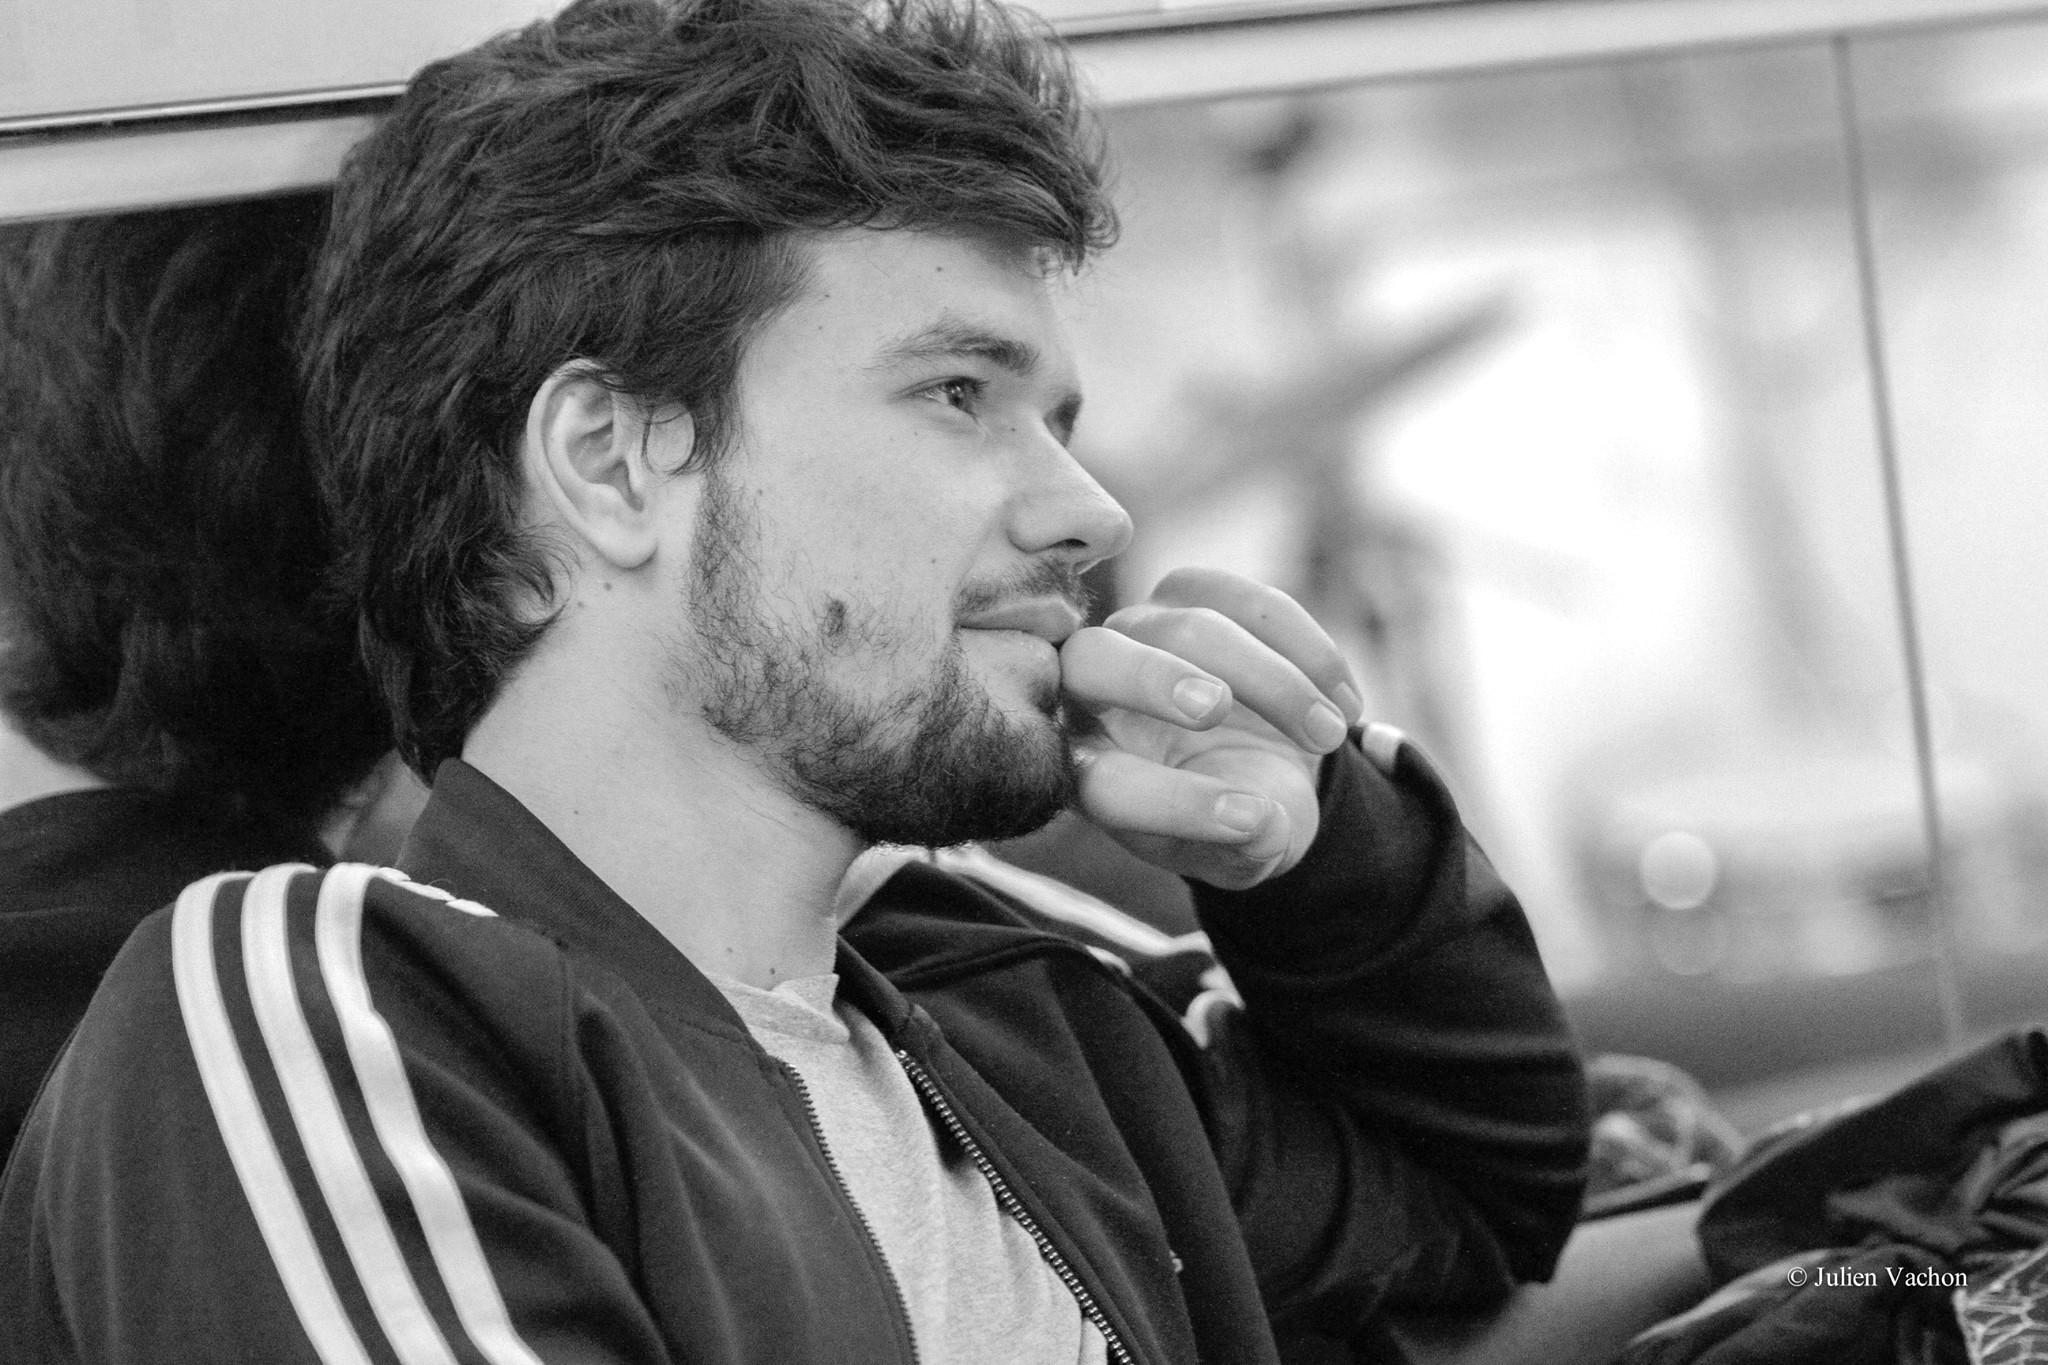 Romain Toulemonde